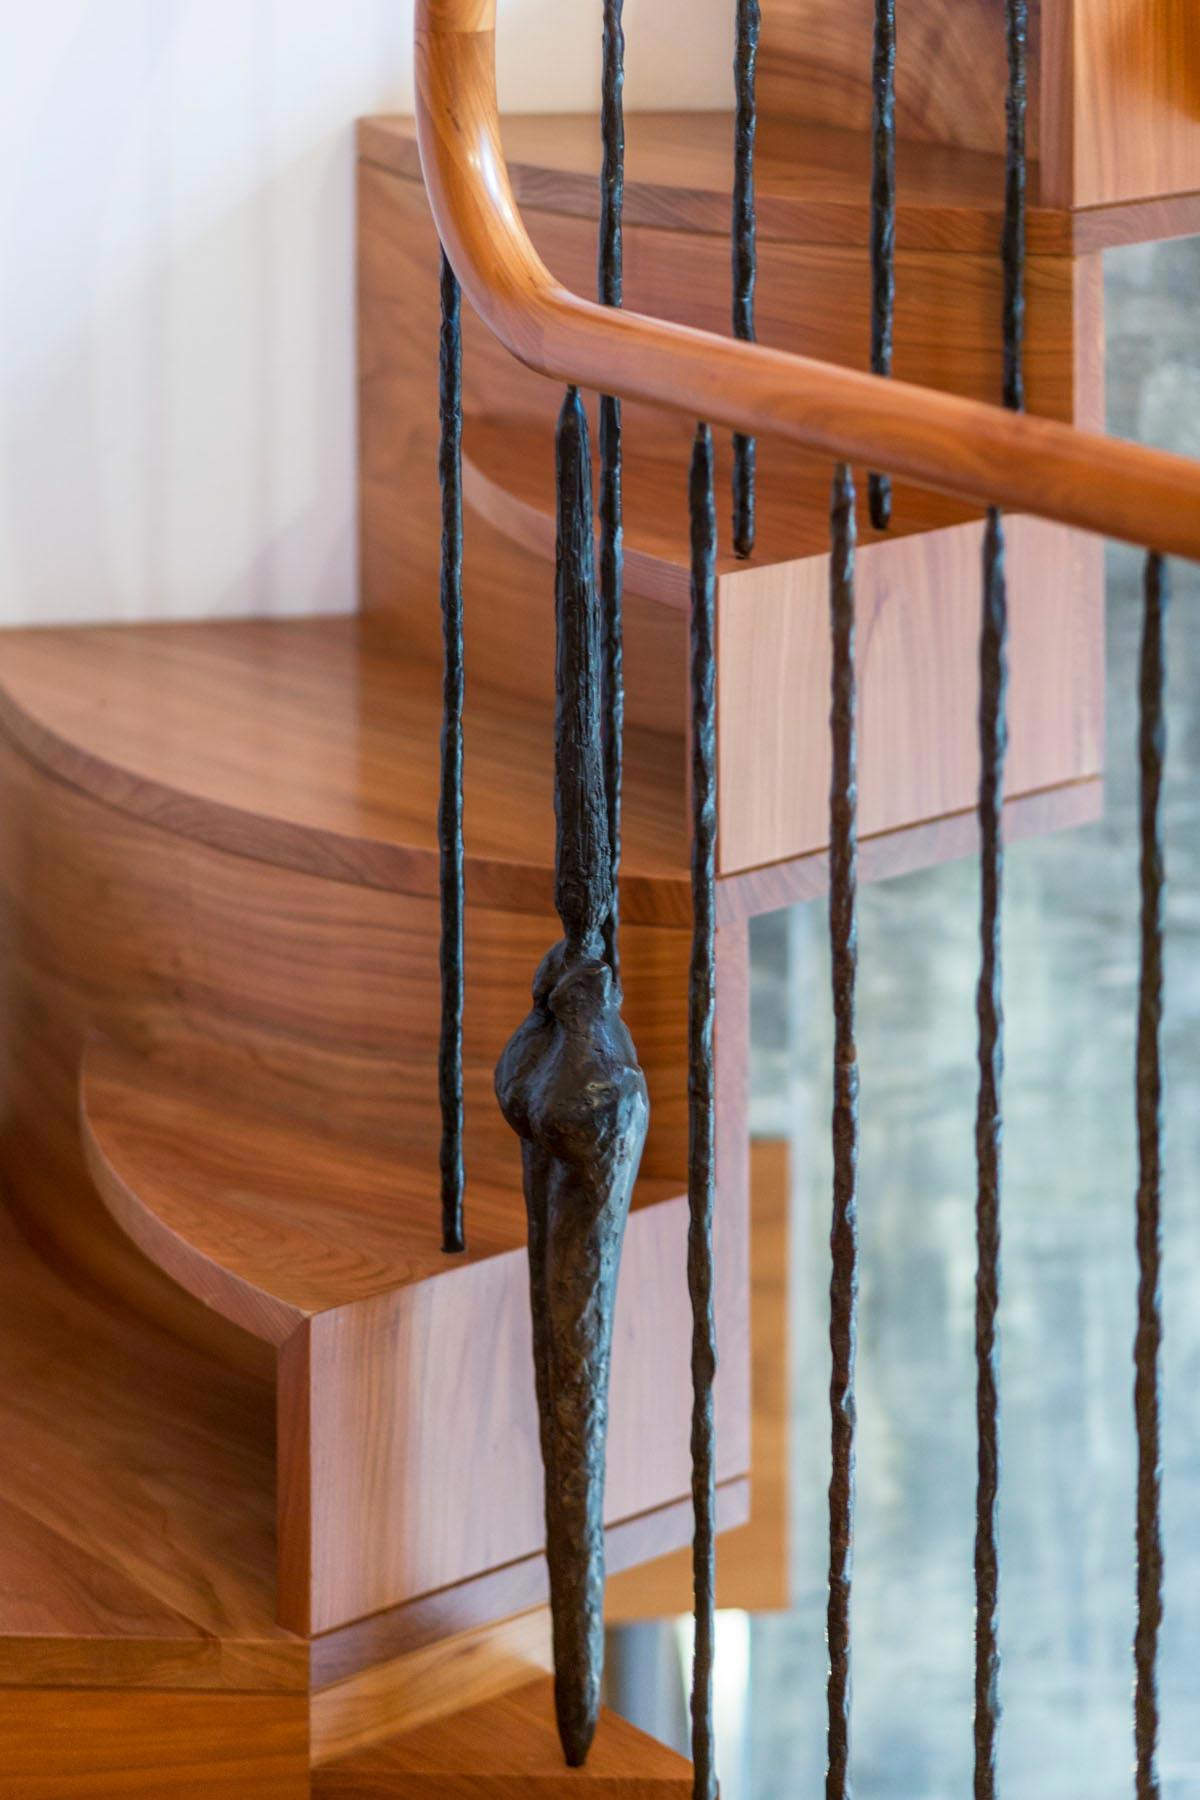 ES Dar fre escalier vtc 20 05 026 - Les escaliers de la grange